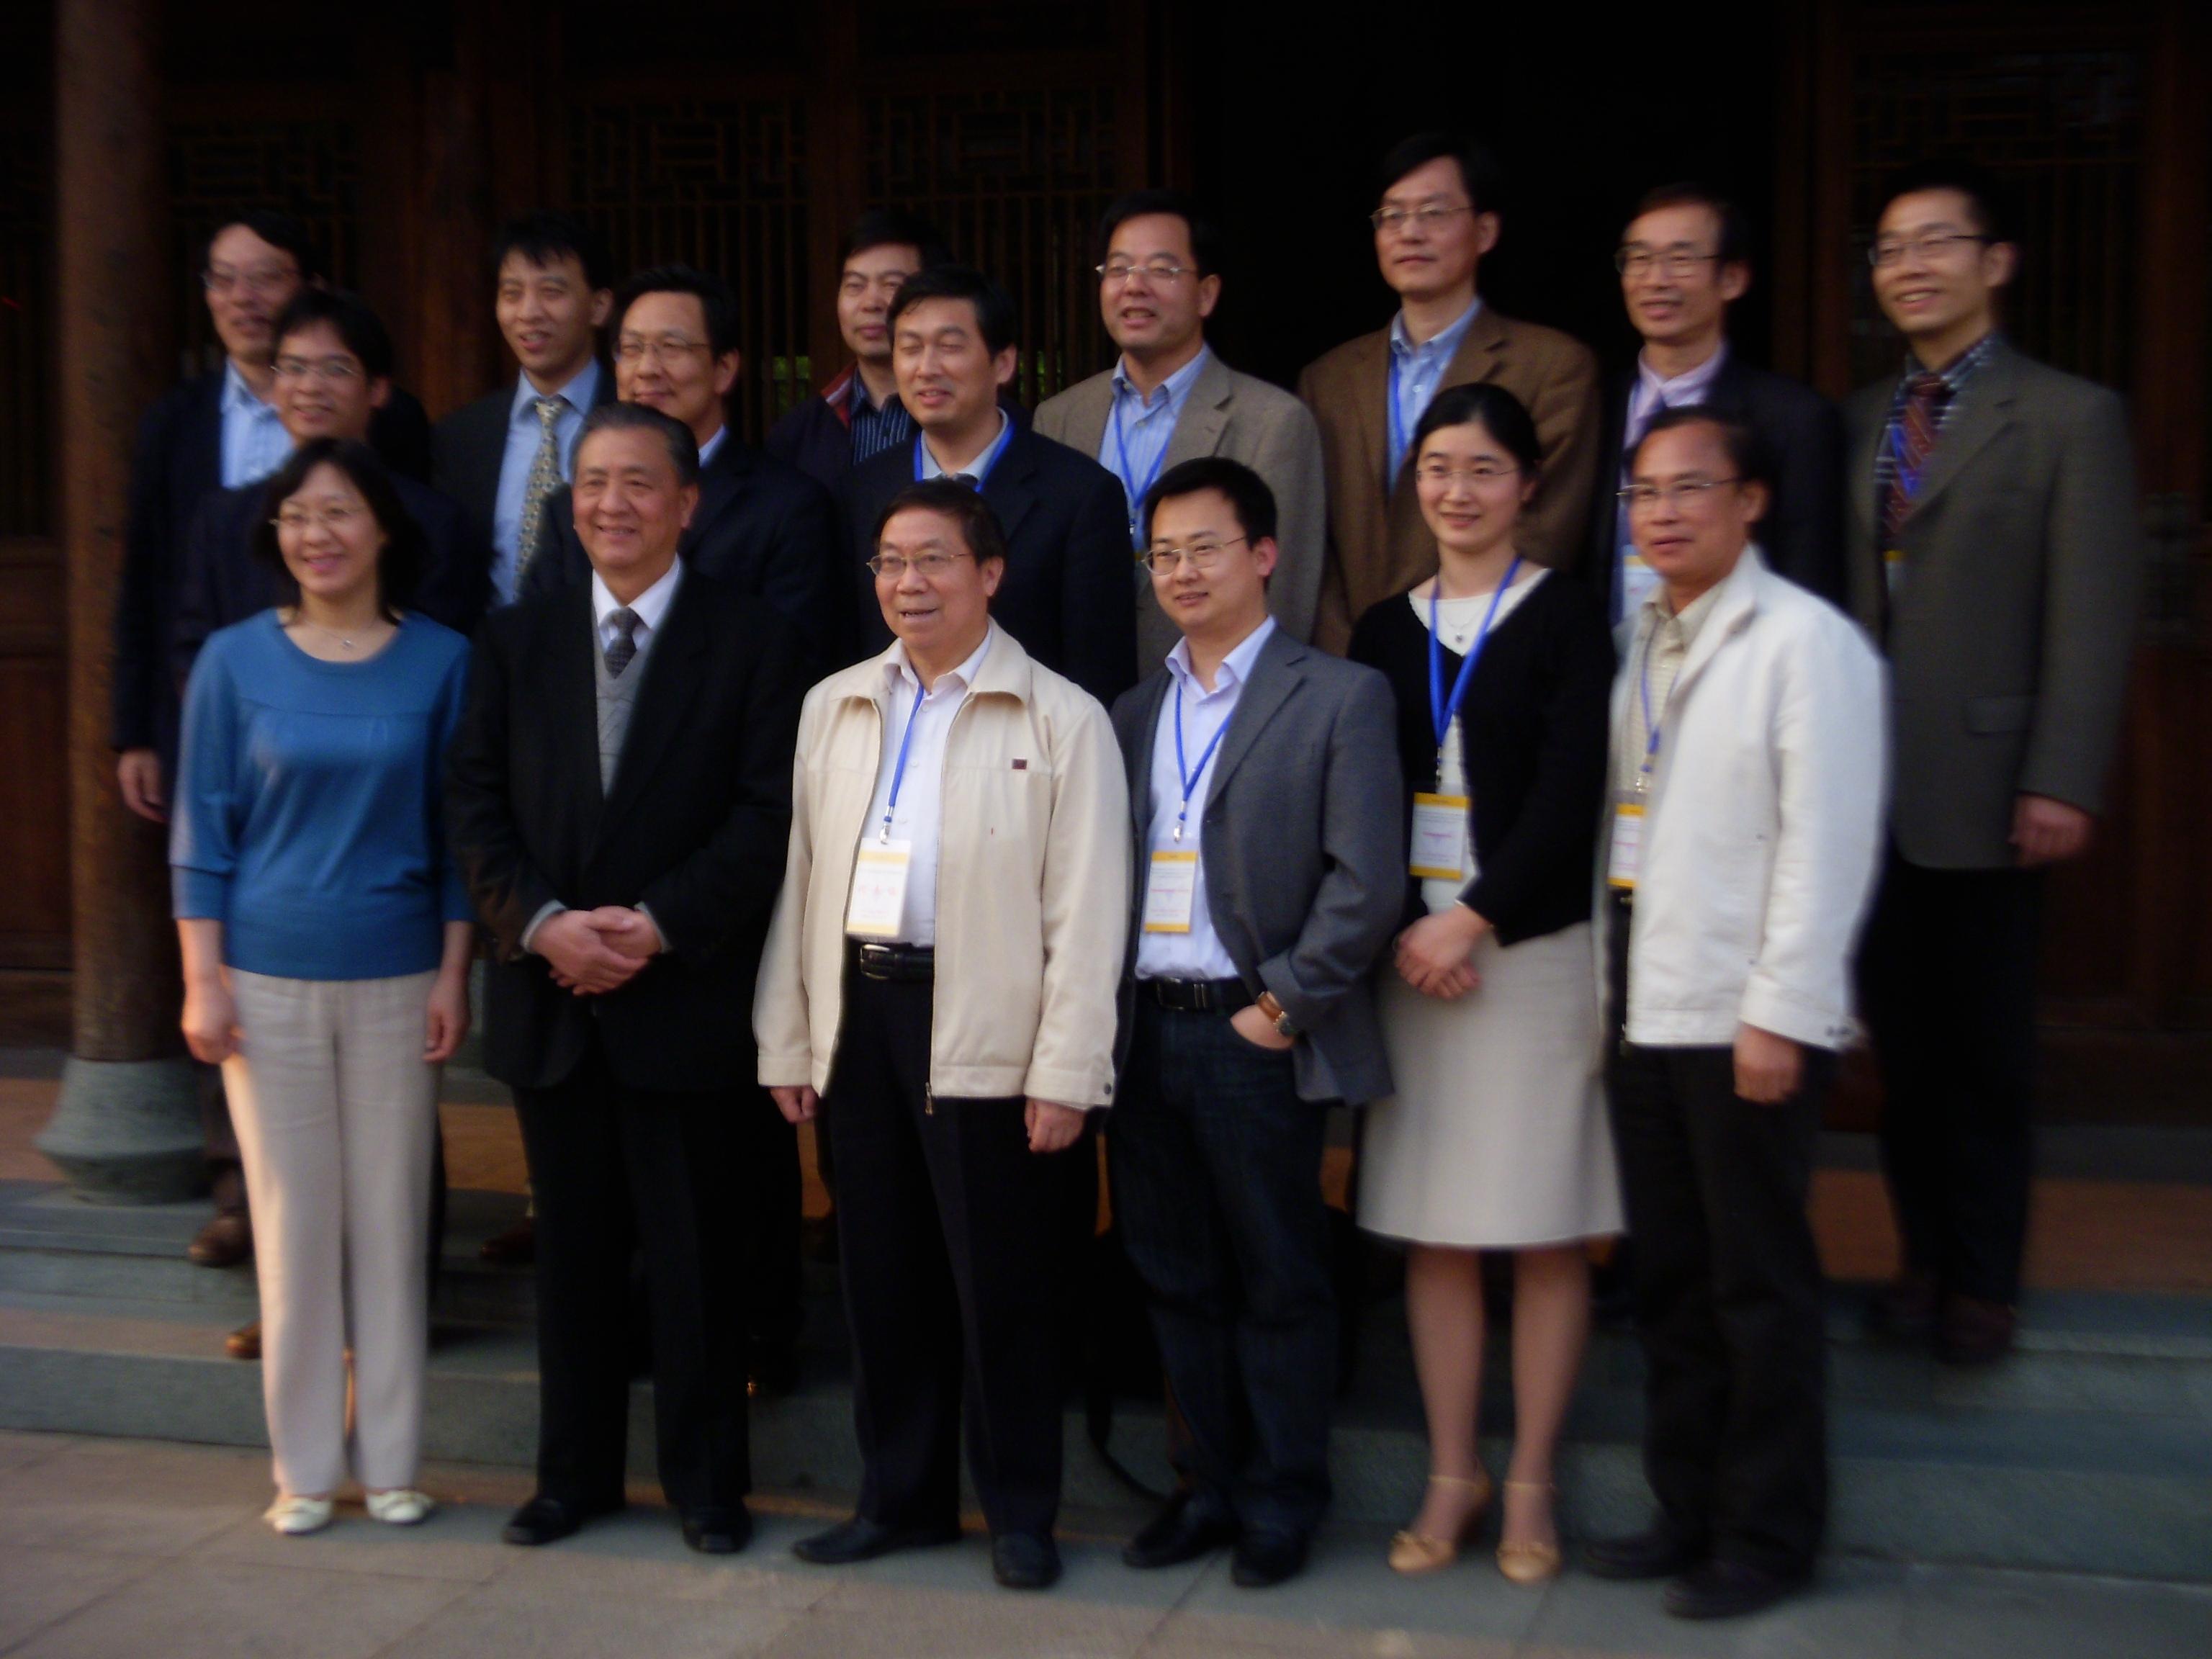 Abschlussbericht zum 1. Deutsch-Chinesischen Hochschulforum in Dortmund